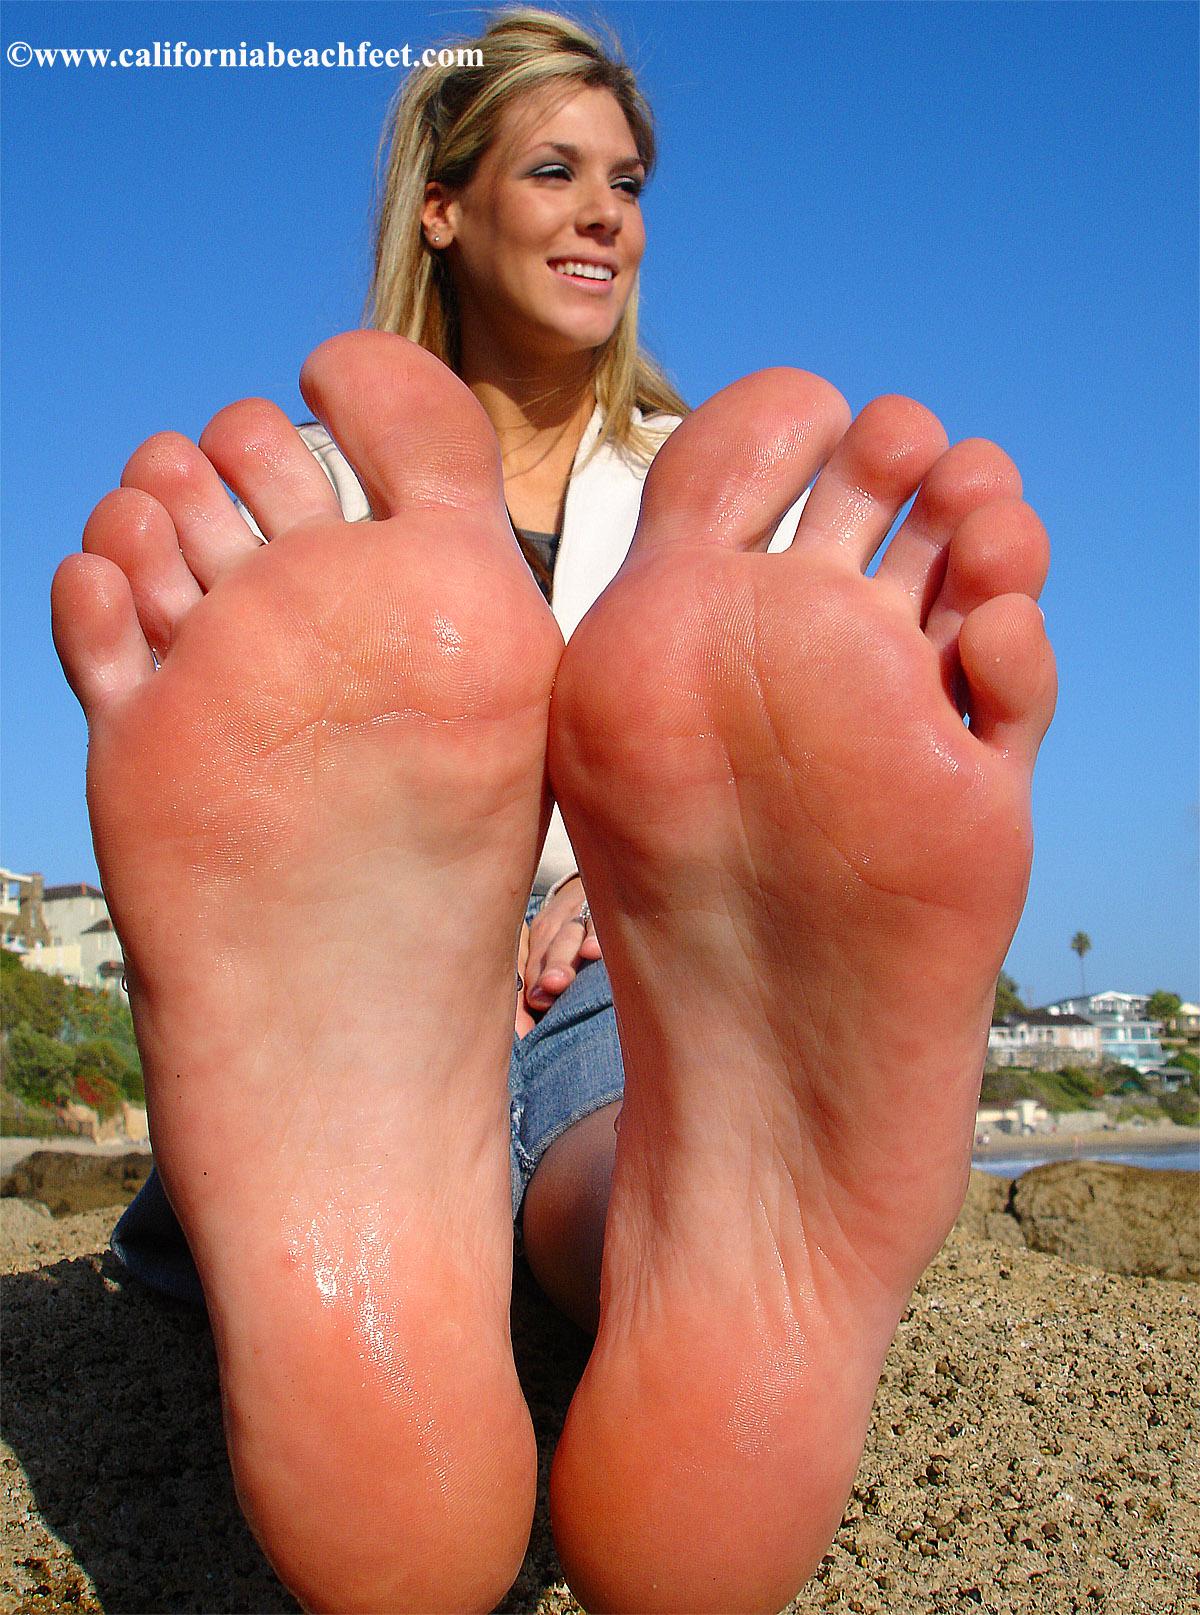 california beach feet pictures